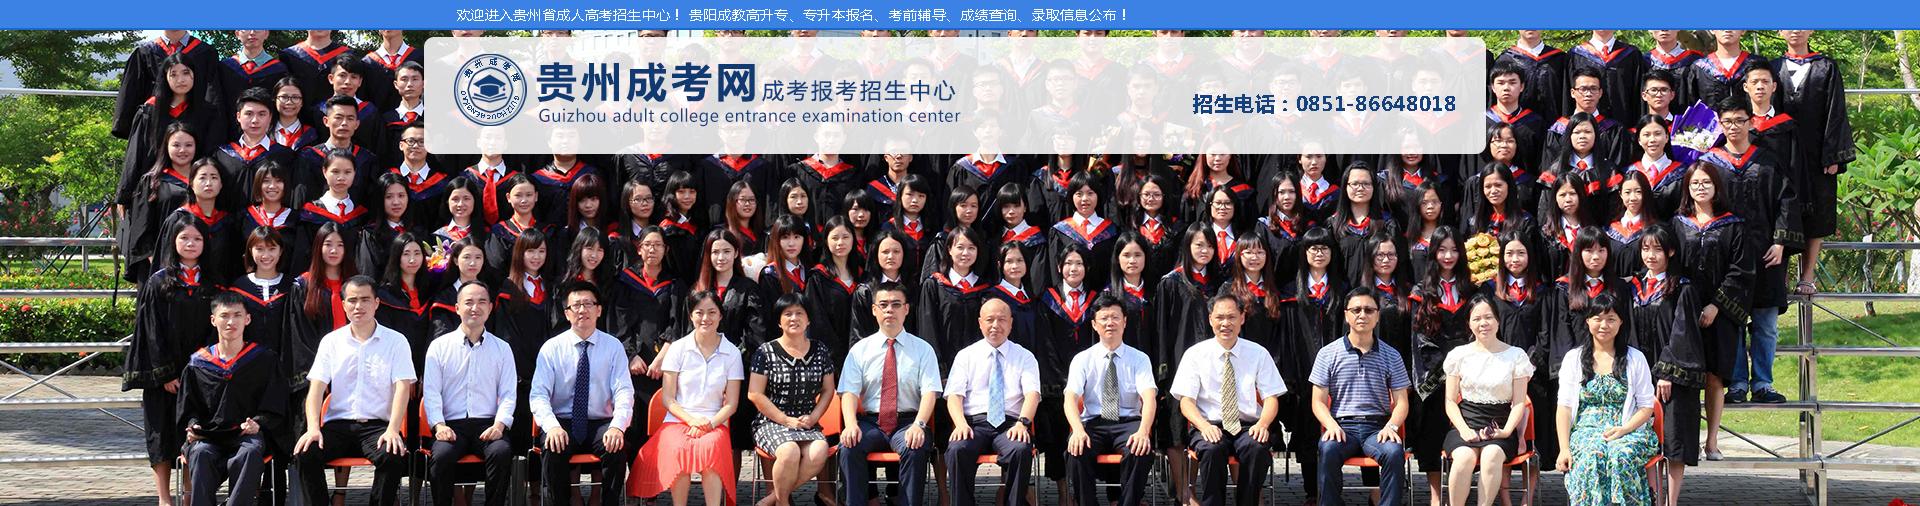 贵州成人高考网